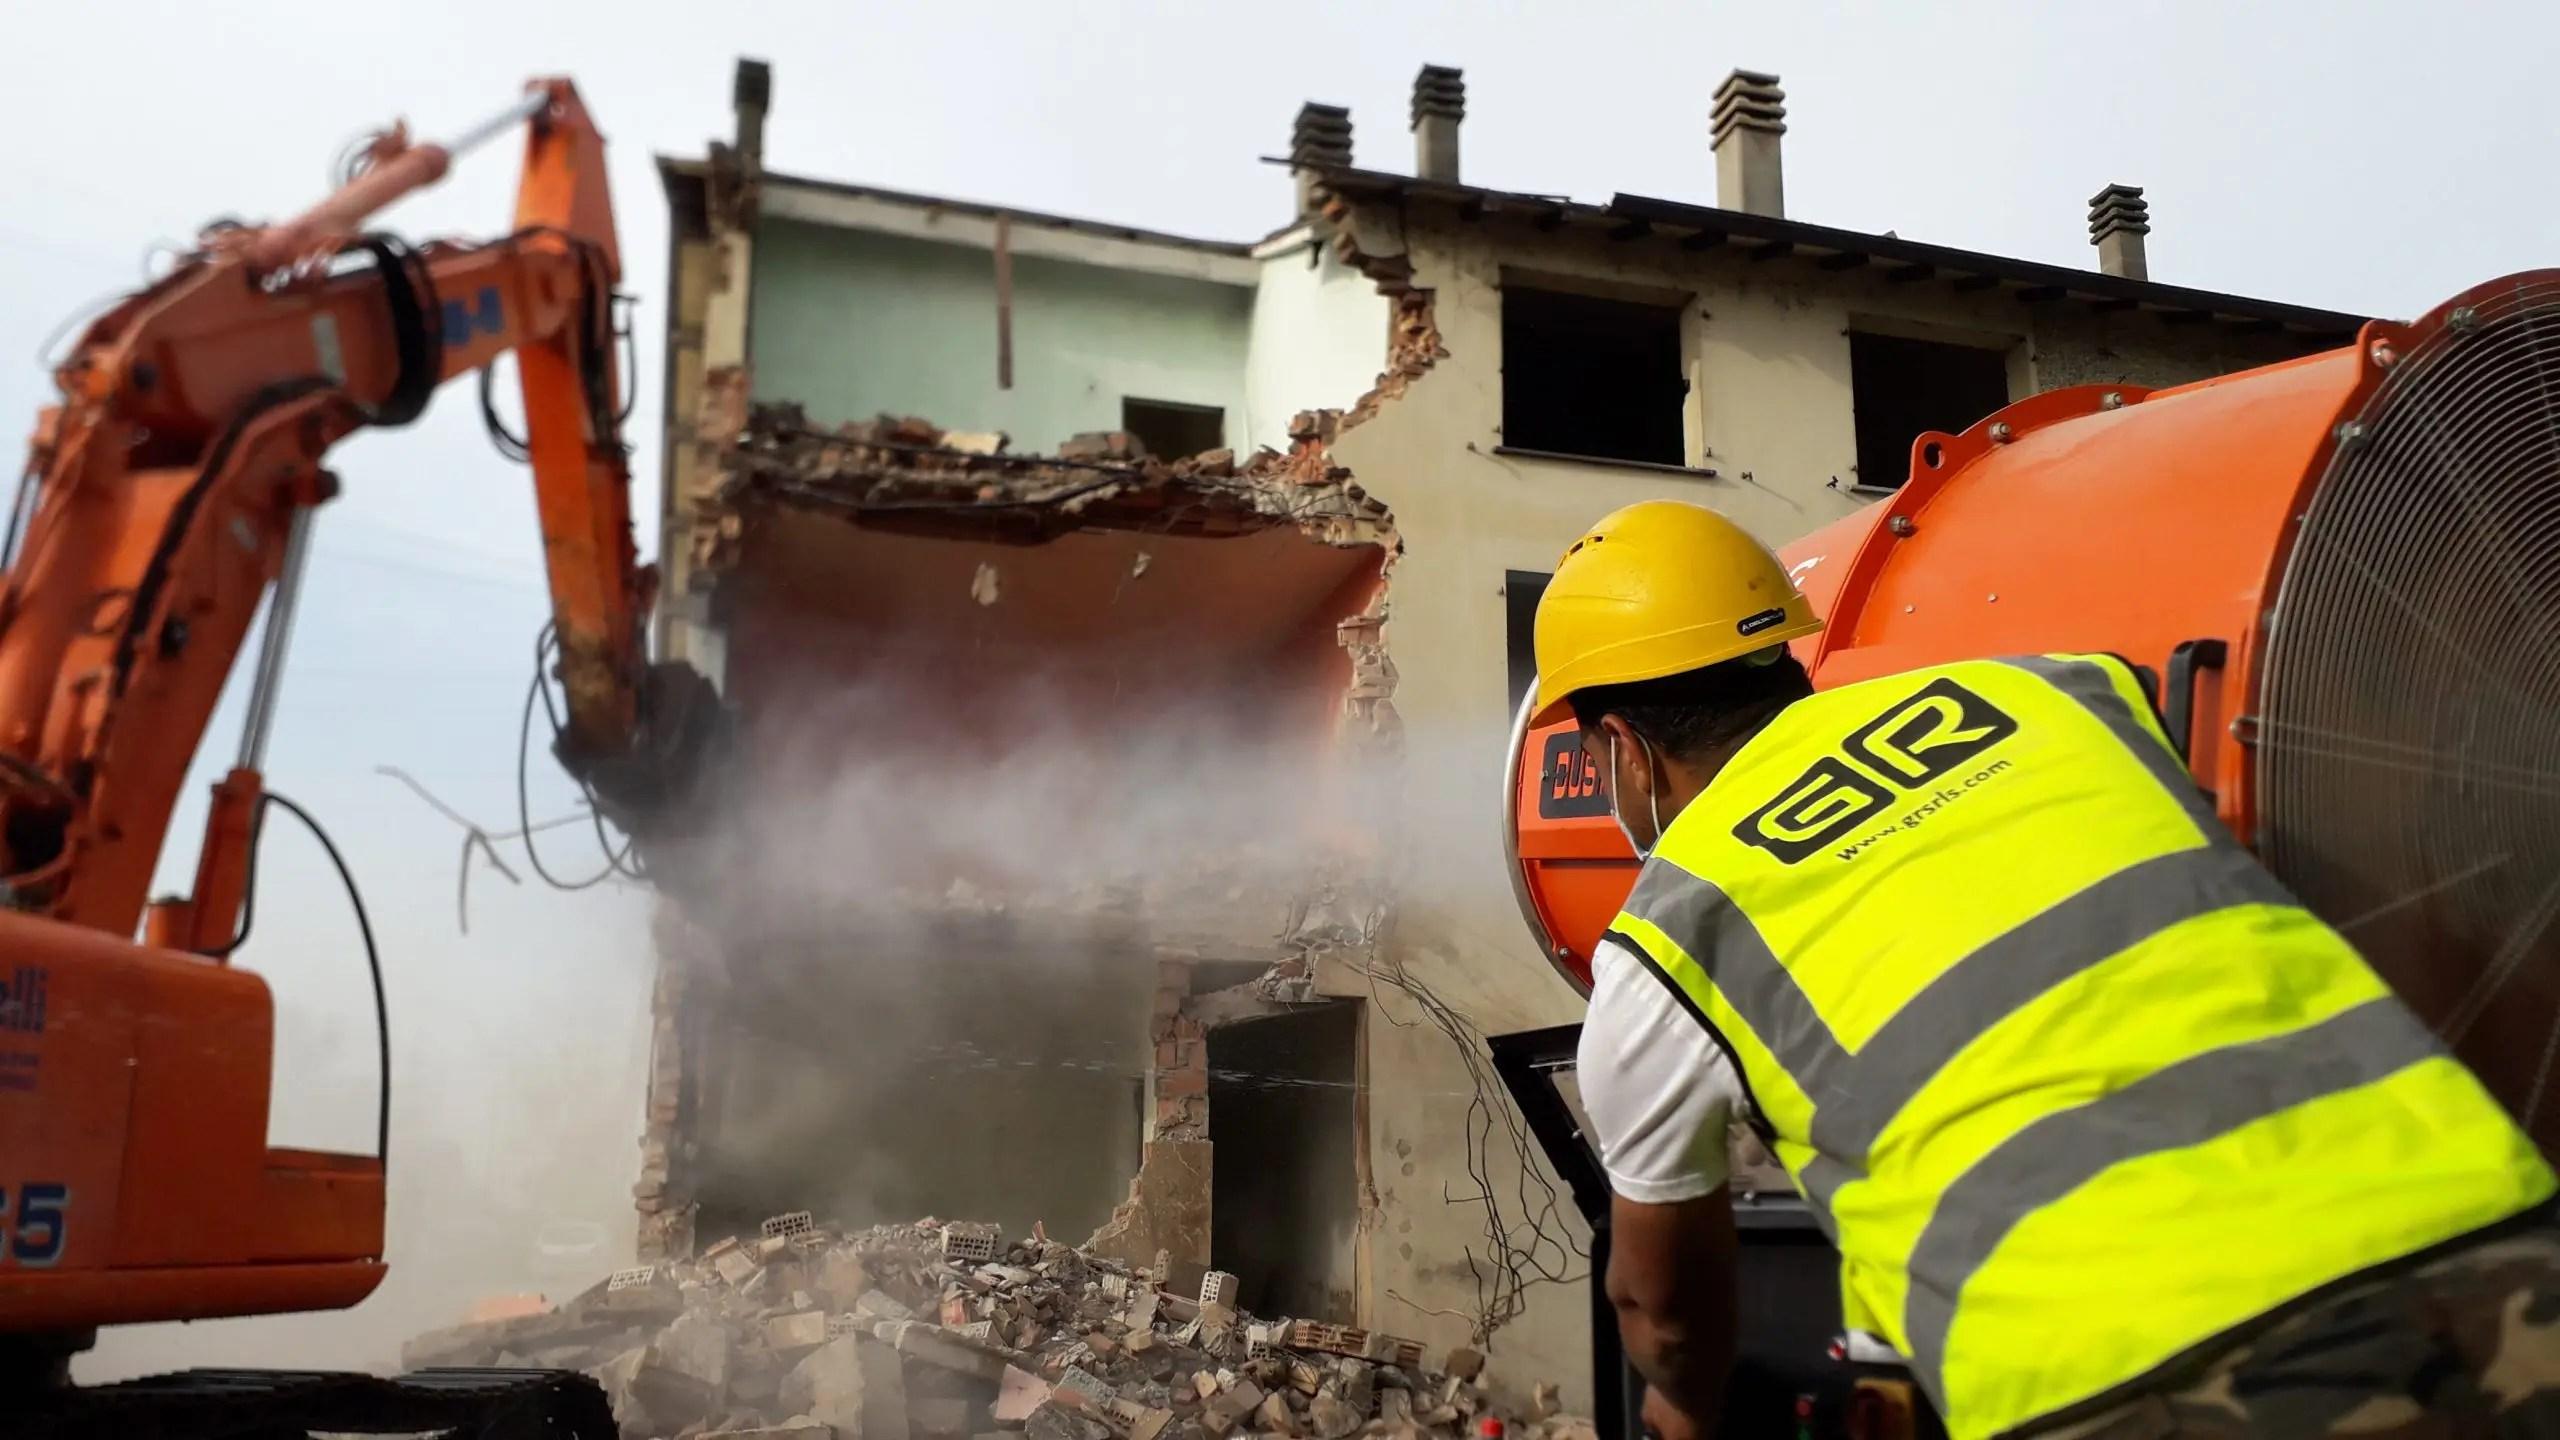 ristrutturazioni reggio emilia demolizione edificio